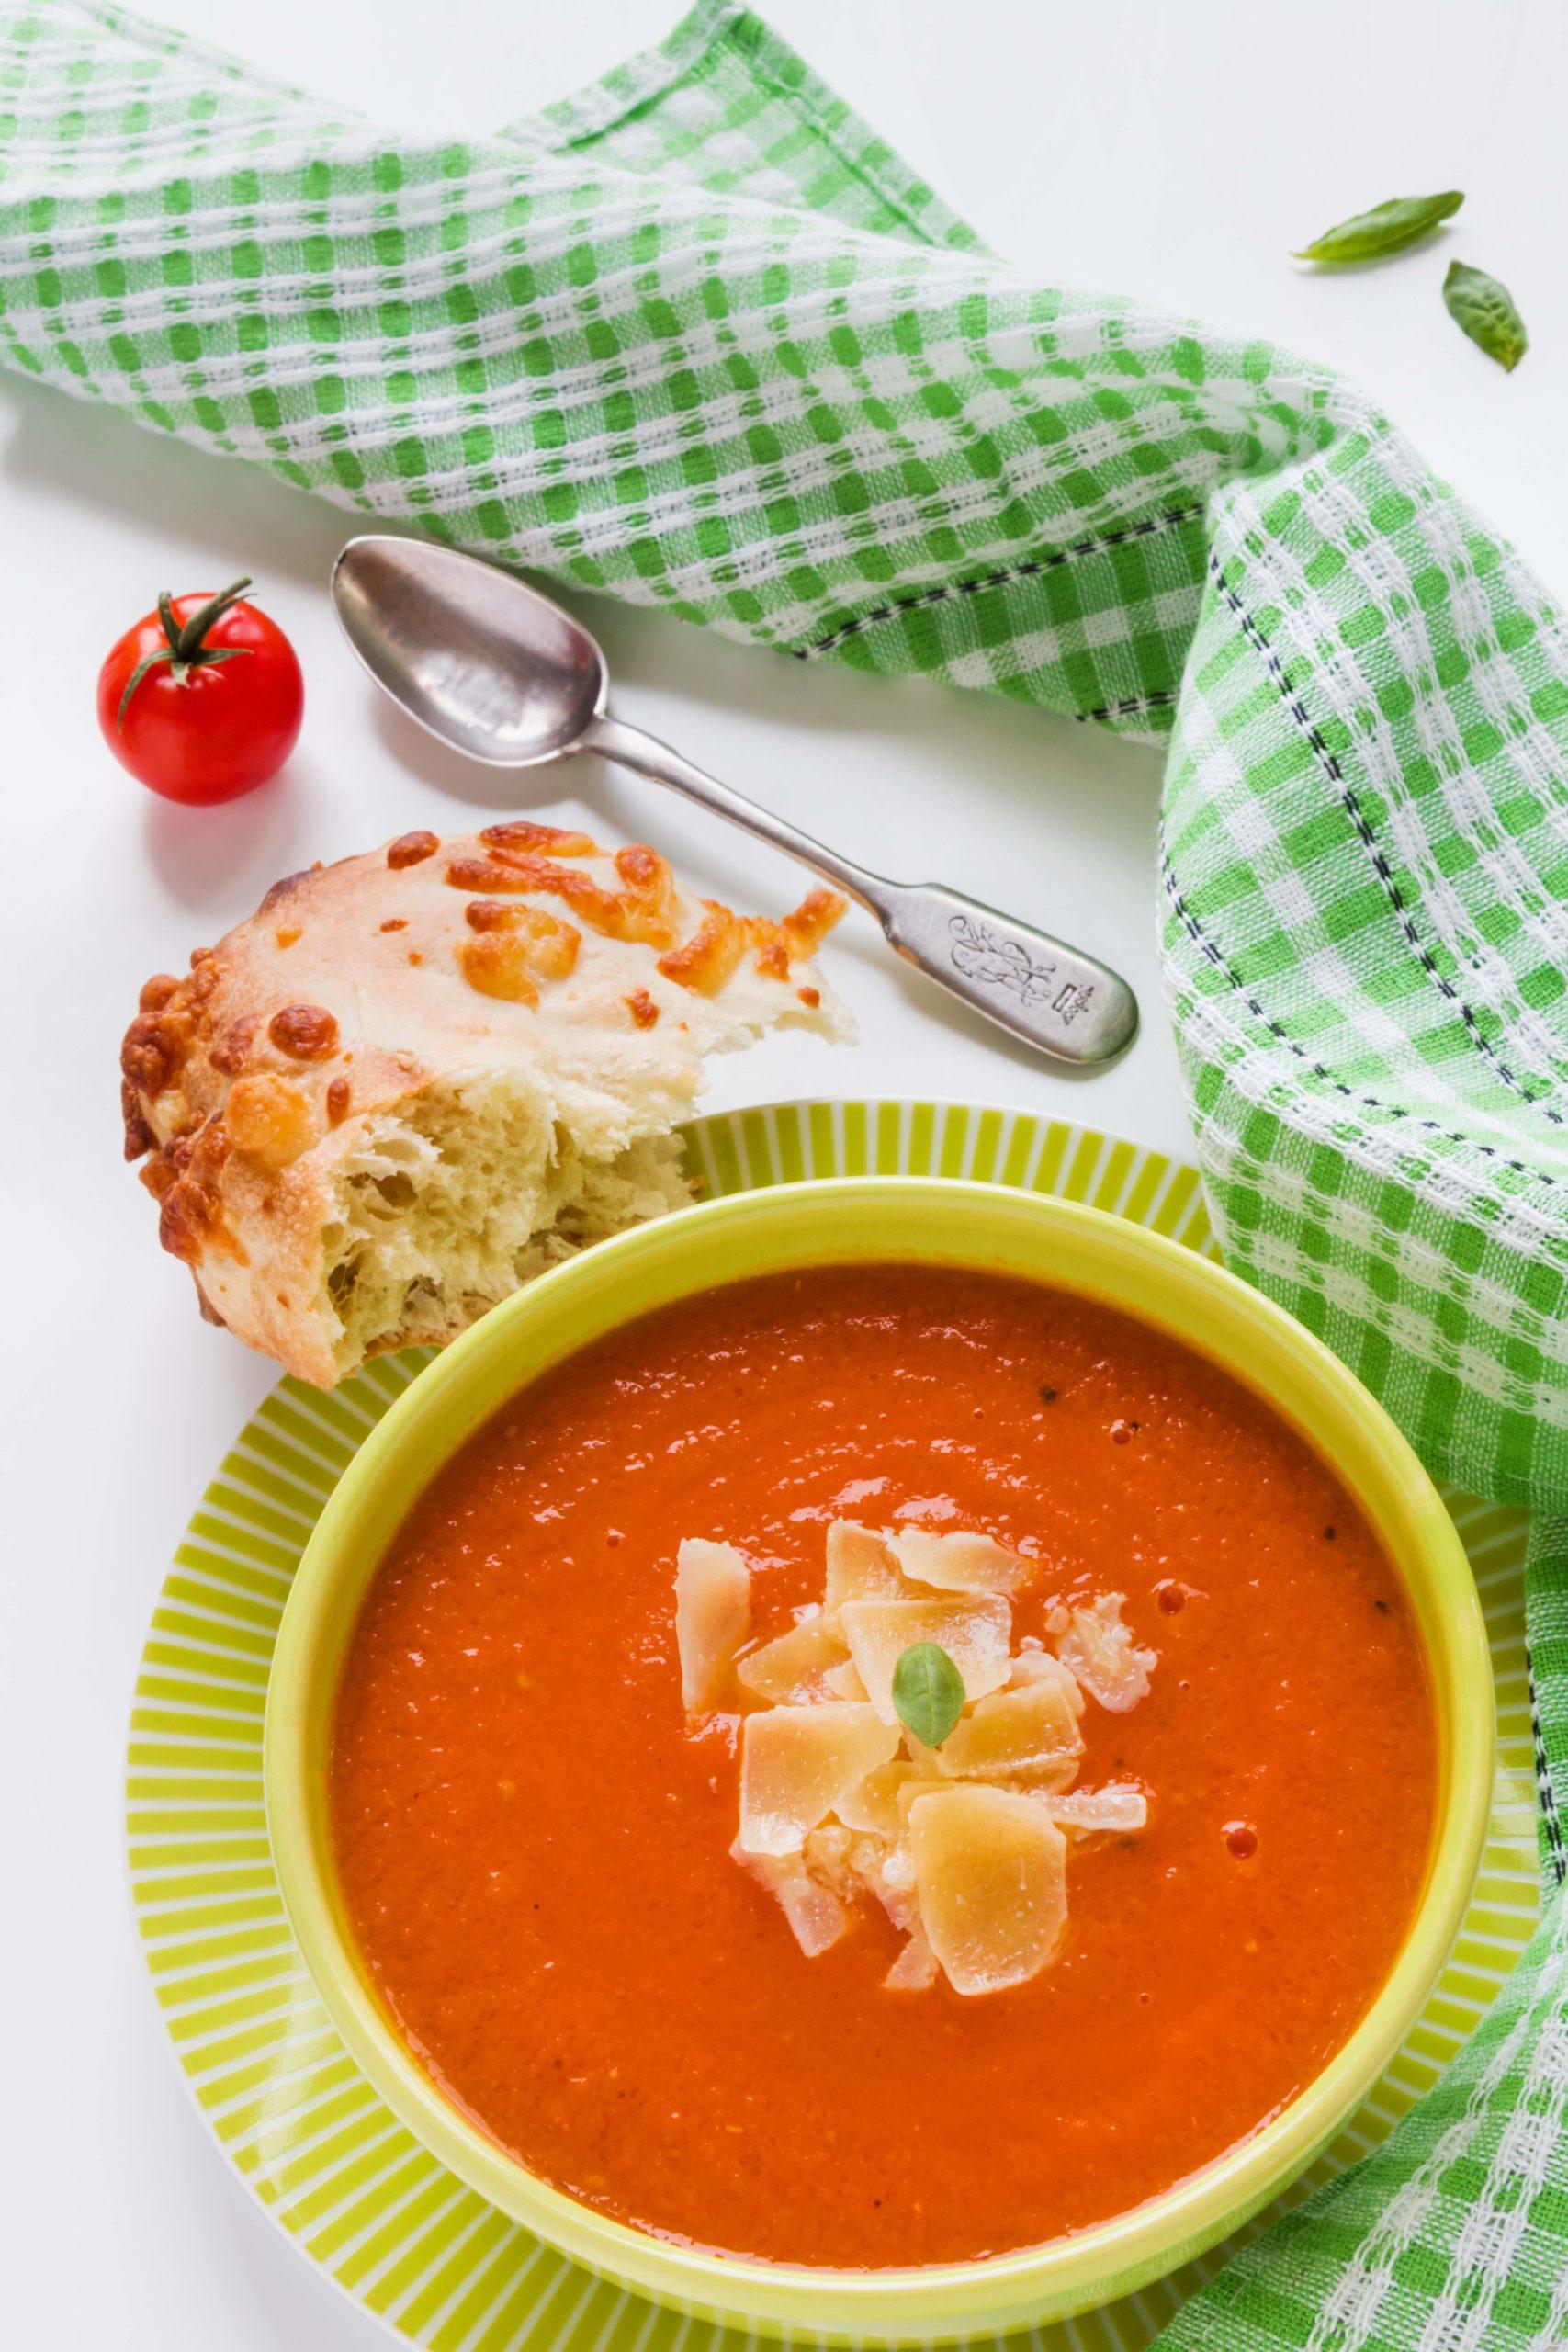 Supa od paradajzasa sirom za svaki dan